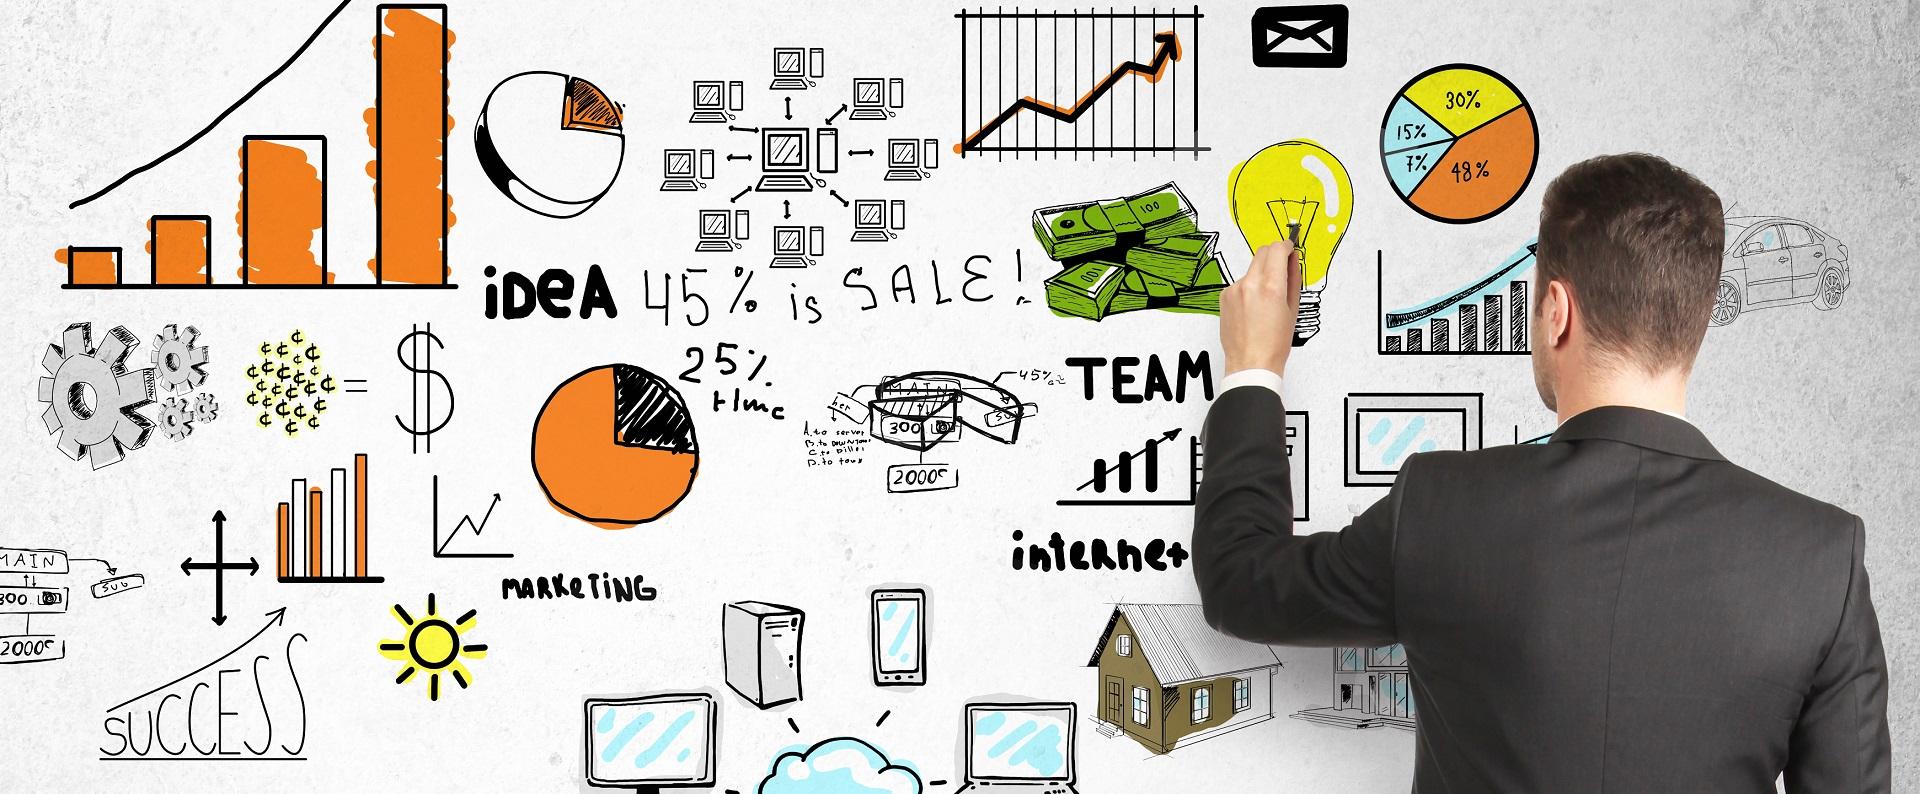 12 bước lập kế hoạch Marketing hoàn hảo